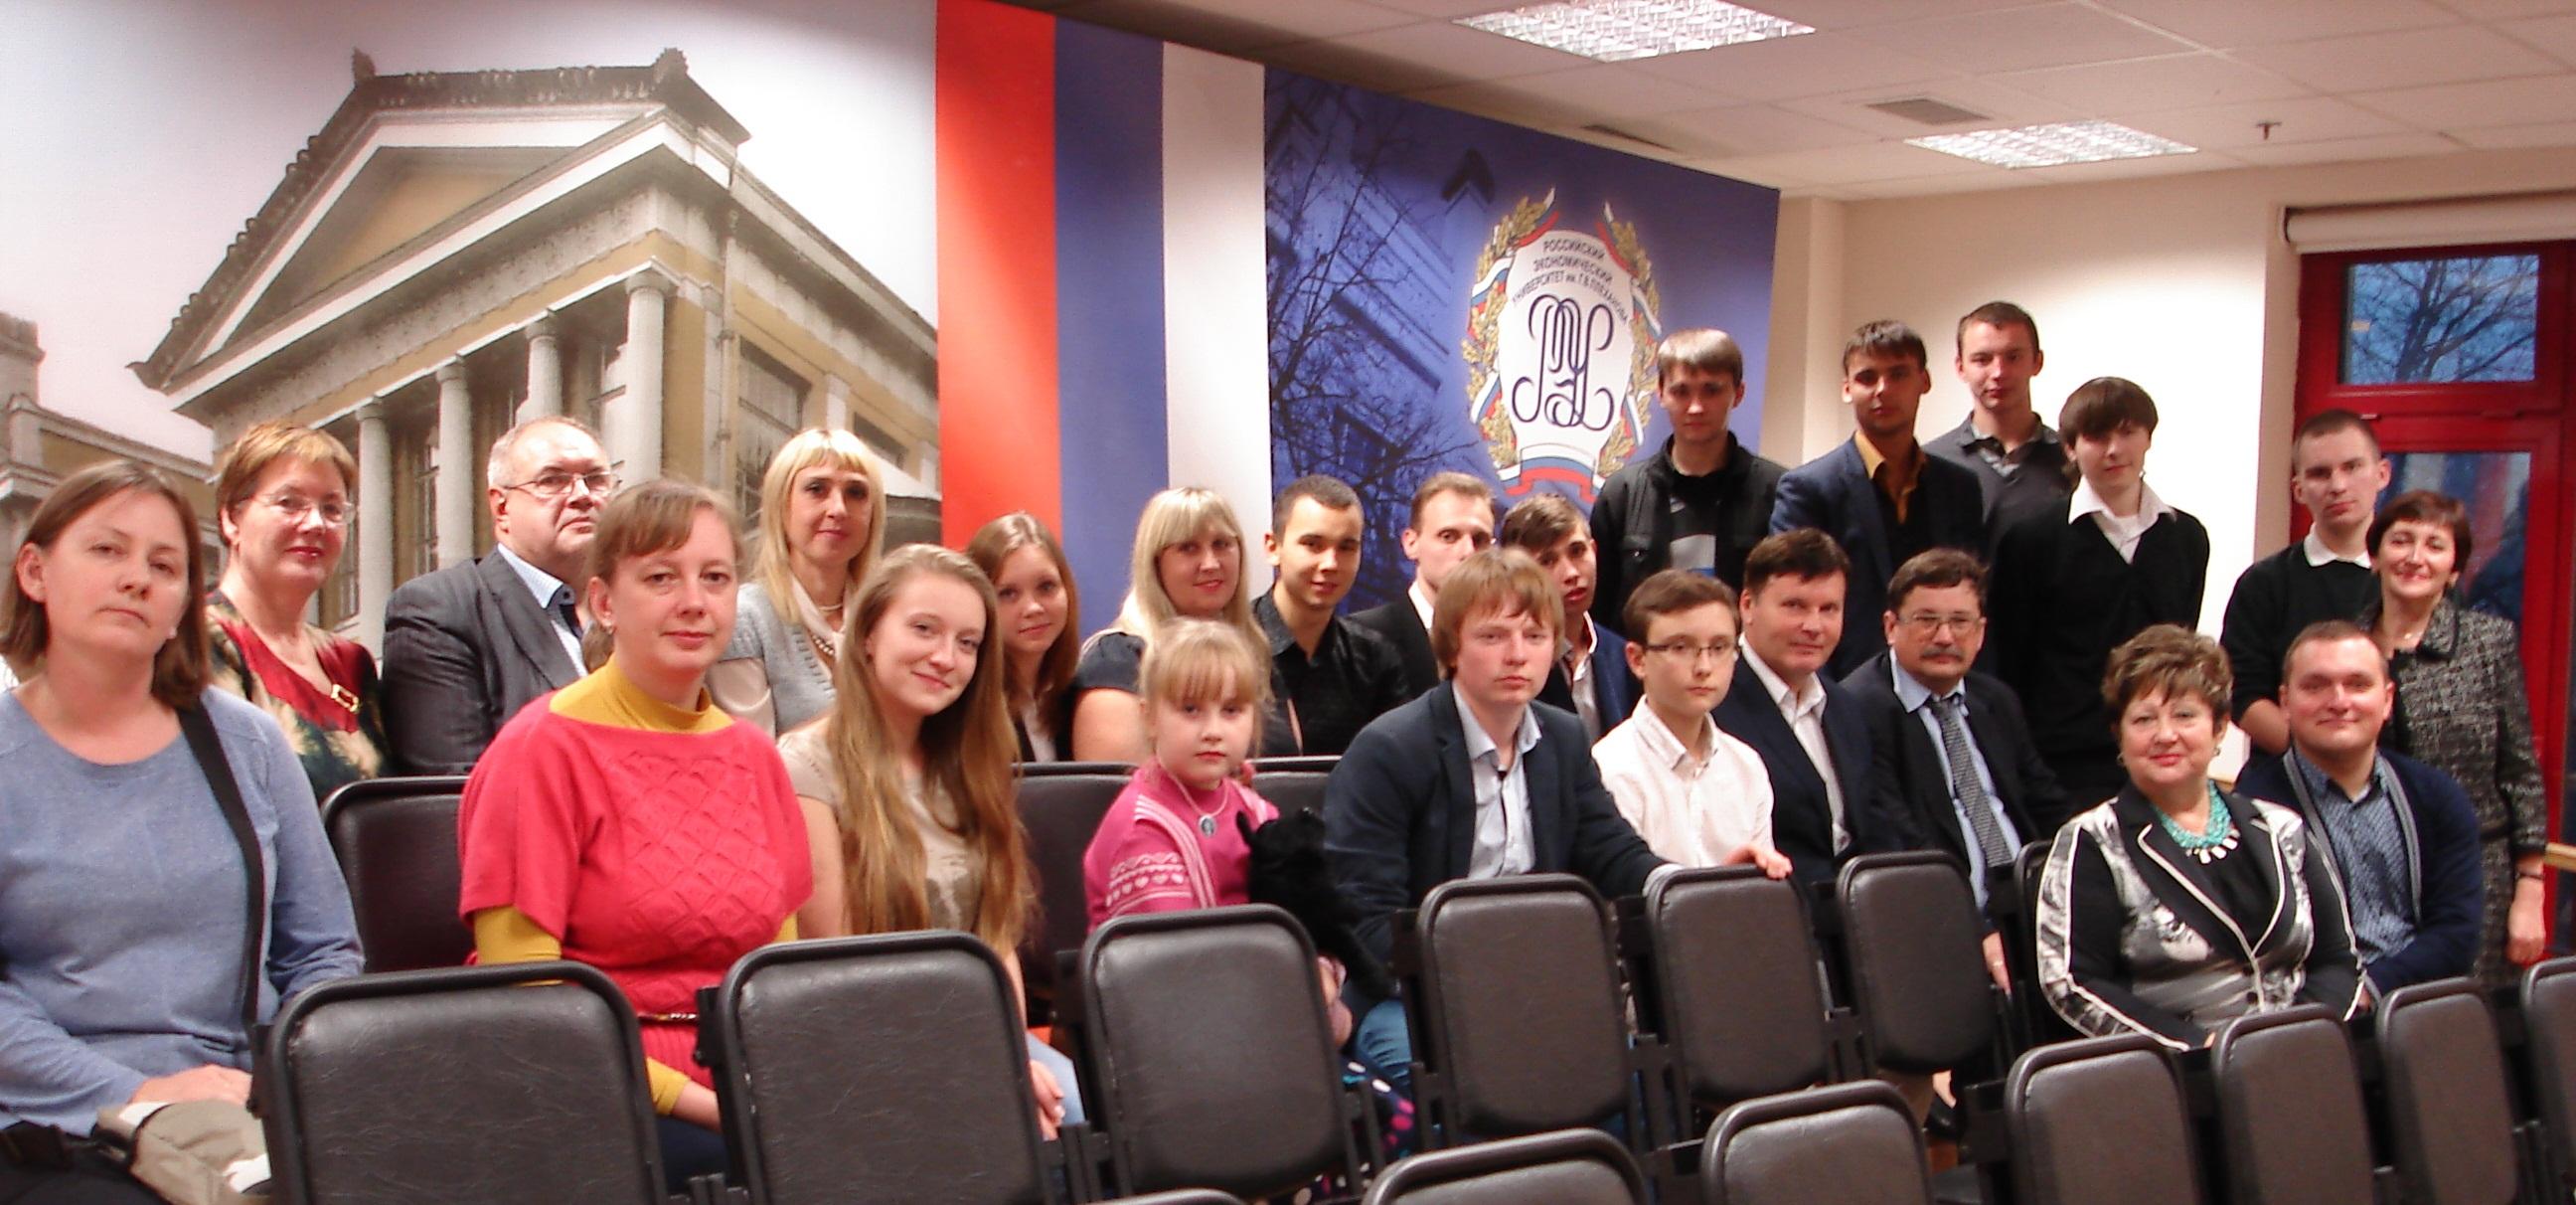 Всероссийский конкурс творческих работ студентов, обучающихся по программам СПО, «Зеленые технологии». 21 октября 2014 года